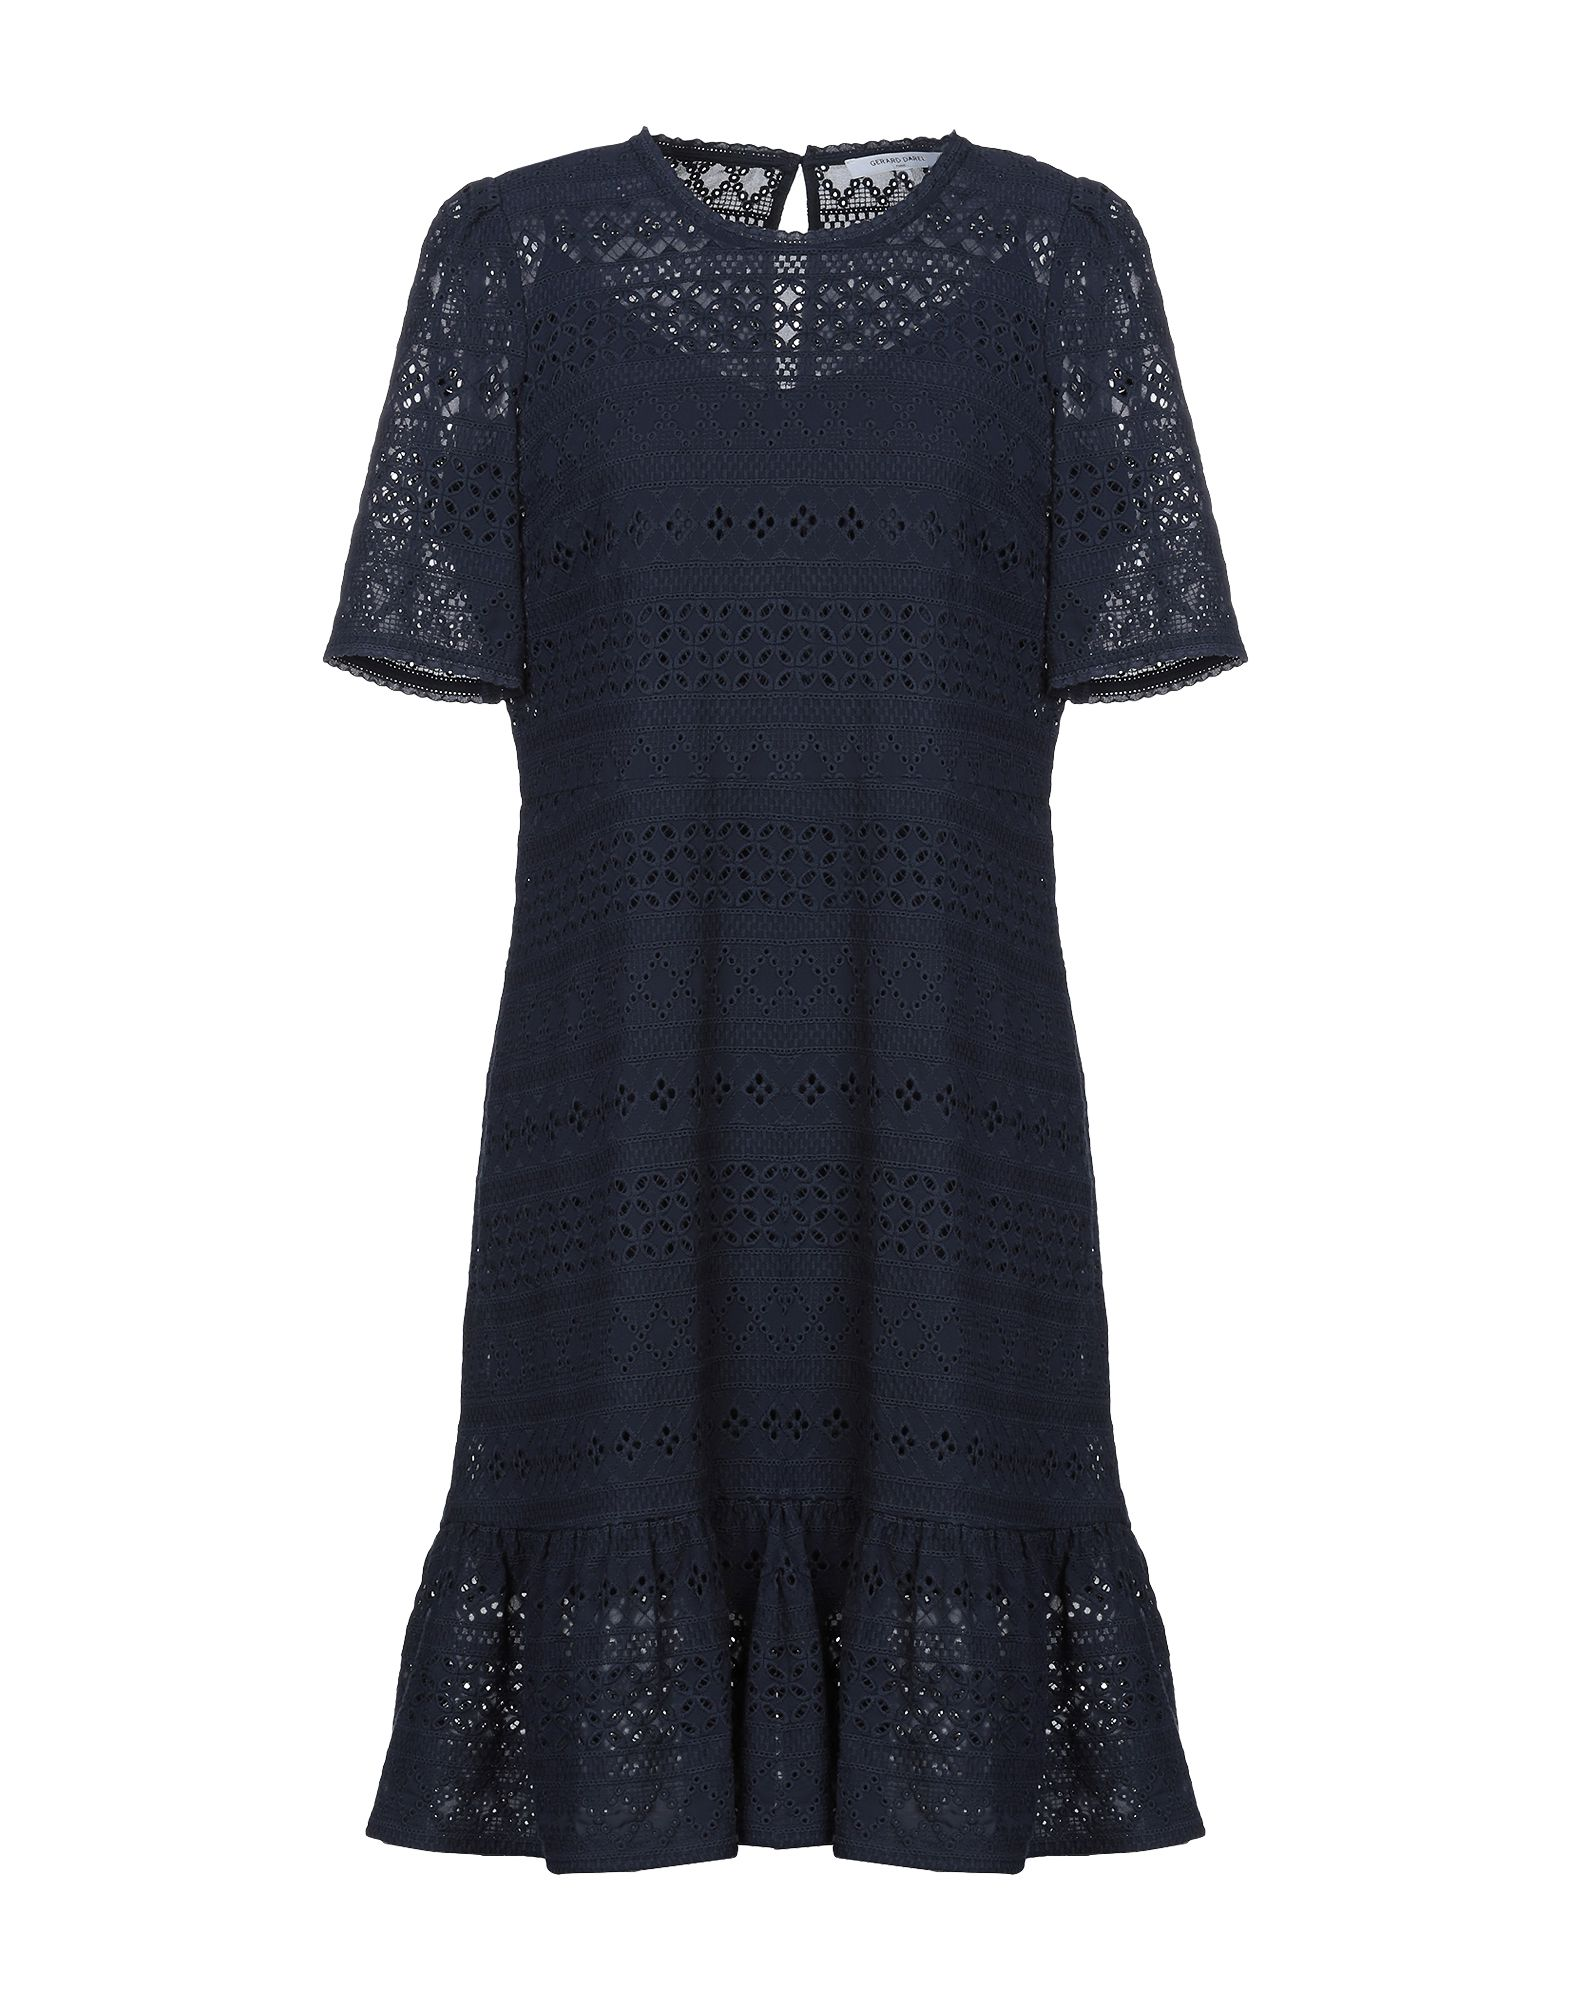 GERARD DAREL Платье до колена pablo de gerard darel шелковая блузка с леопардовым принтом